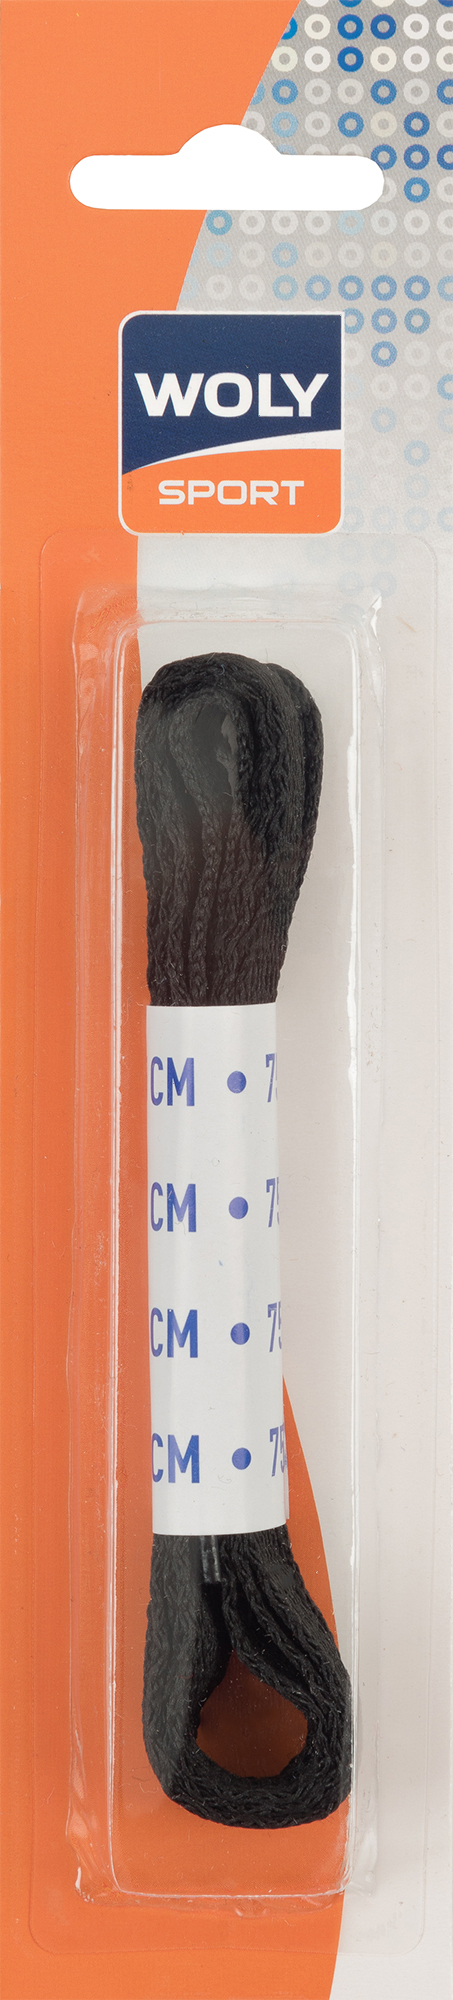 Woly Шнурки плоские черные Woly, 75 см